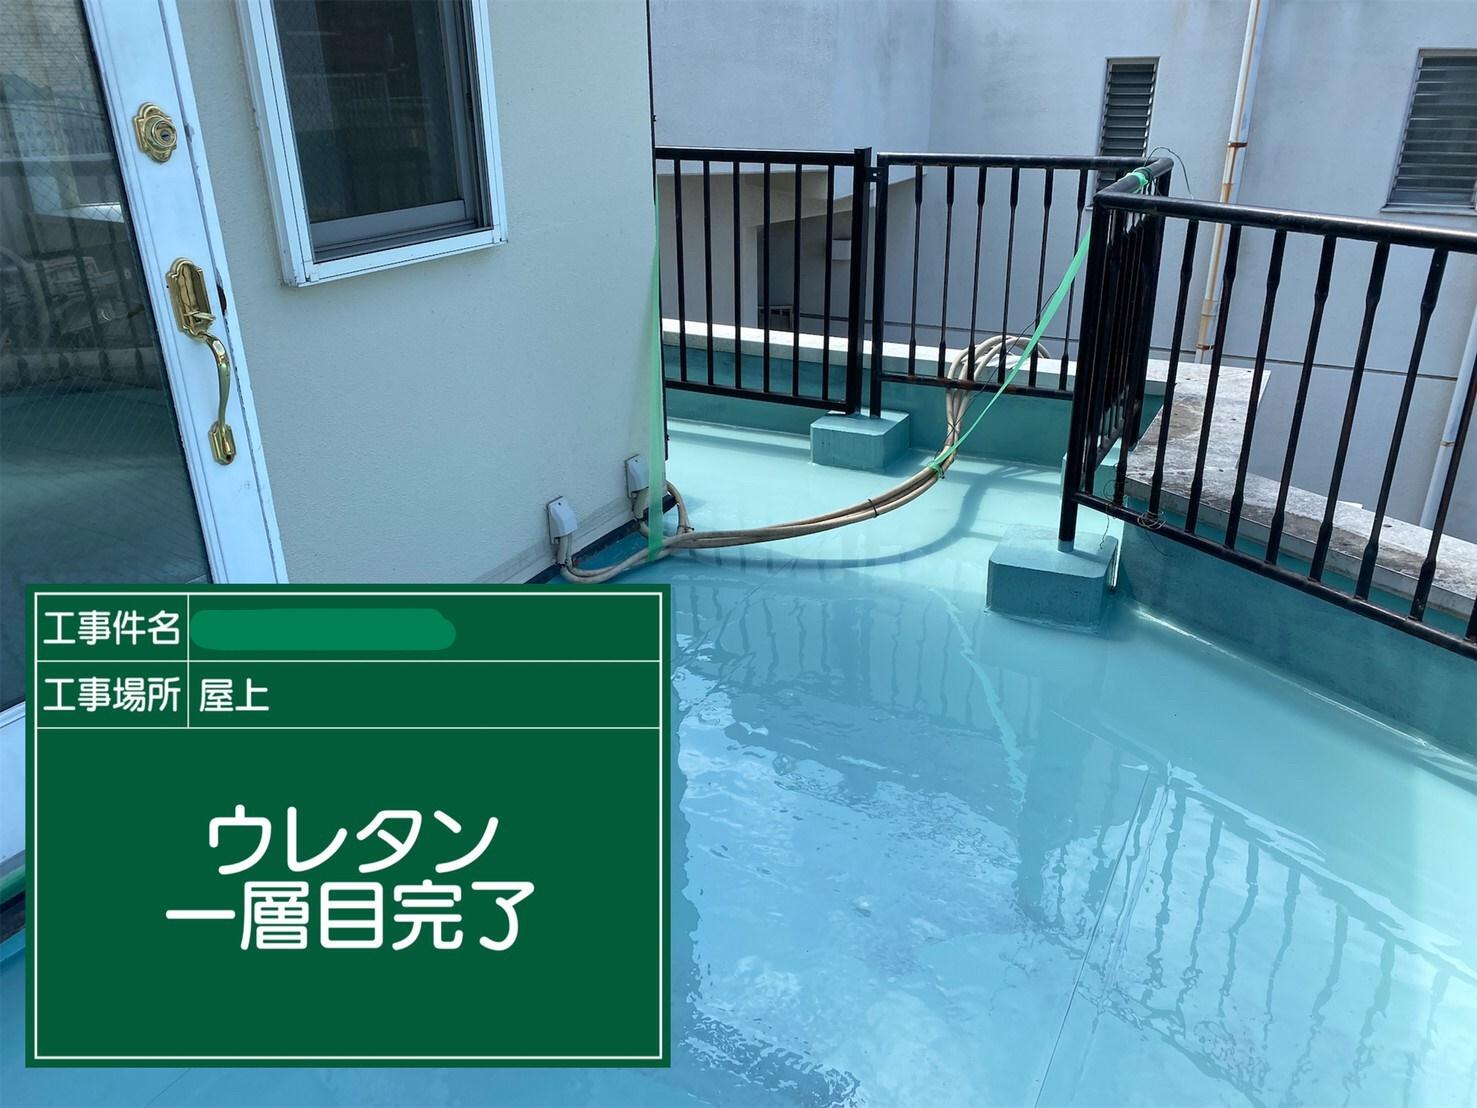 ⑩平場ウレタン1層目塗布